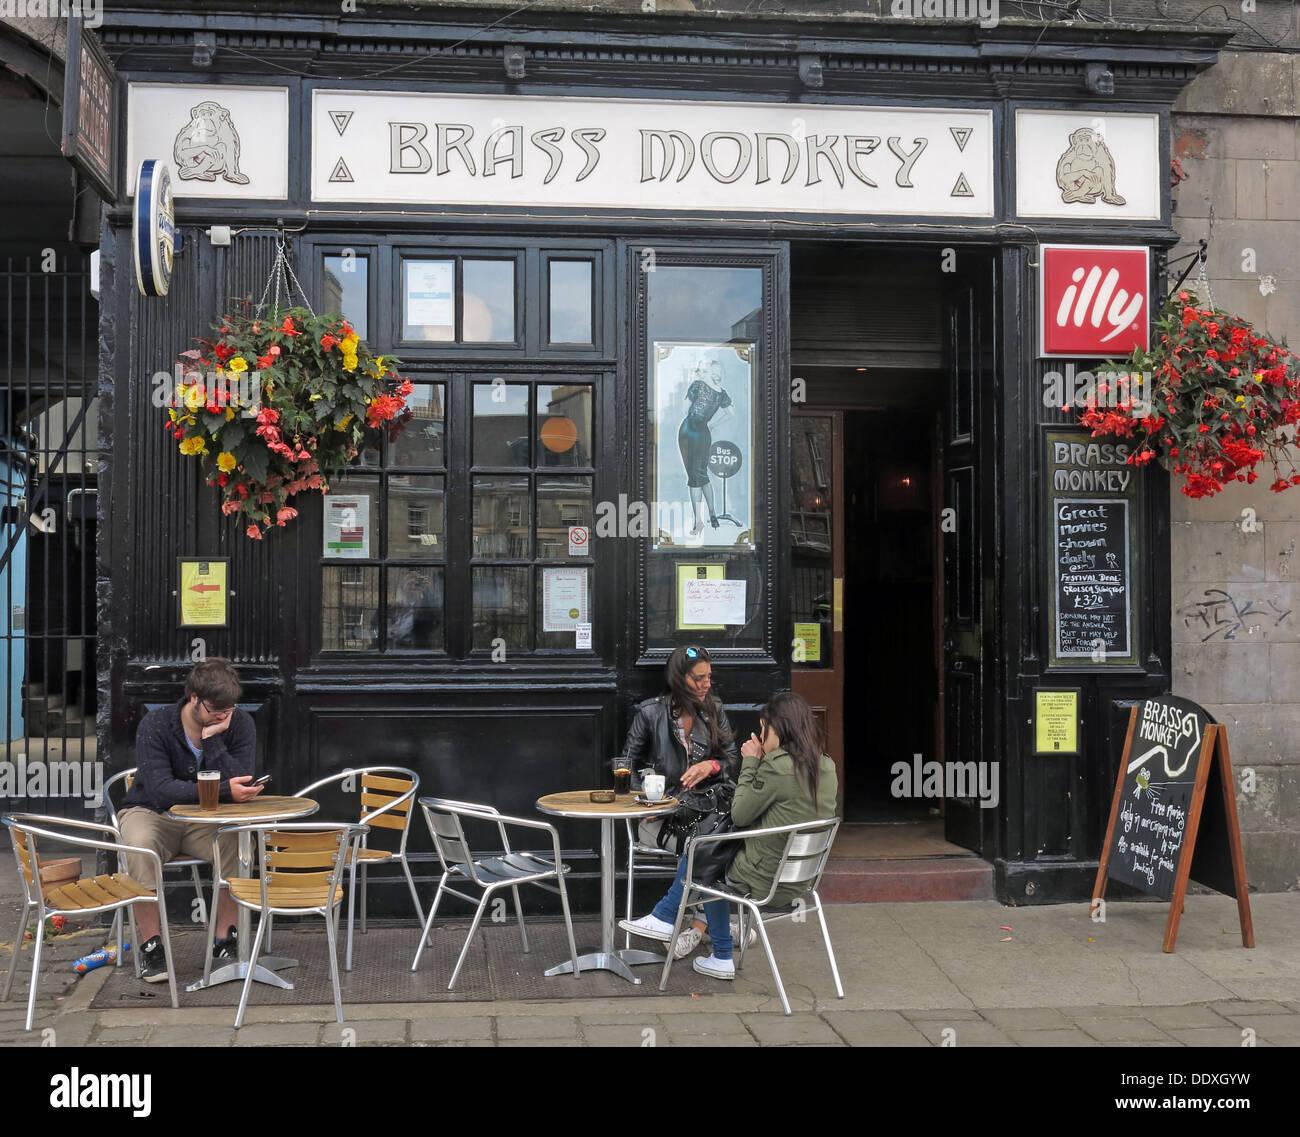 Laden Sie dieses Alamy Stockfoto Brass Monkey Pub, Edinburgh, Schottland, Großbritannien - DDXGYW